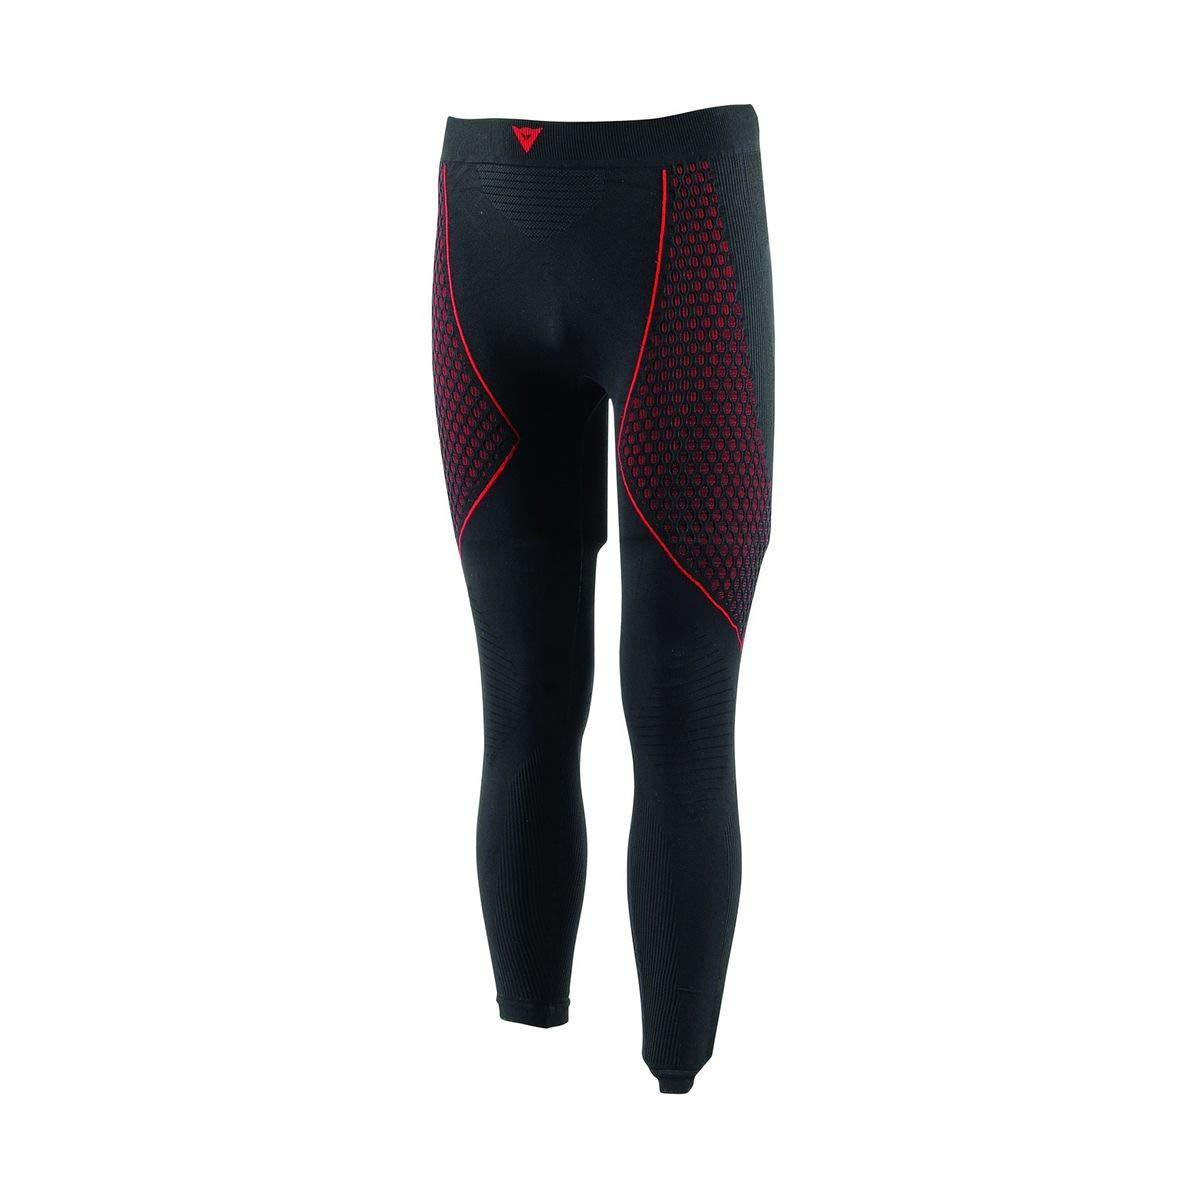 Dainese-D-CORE THERMO Pantalon LL, Noir/Rouge, Taille L 1915944_604_L